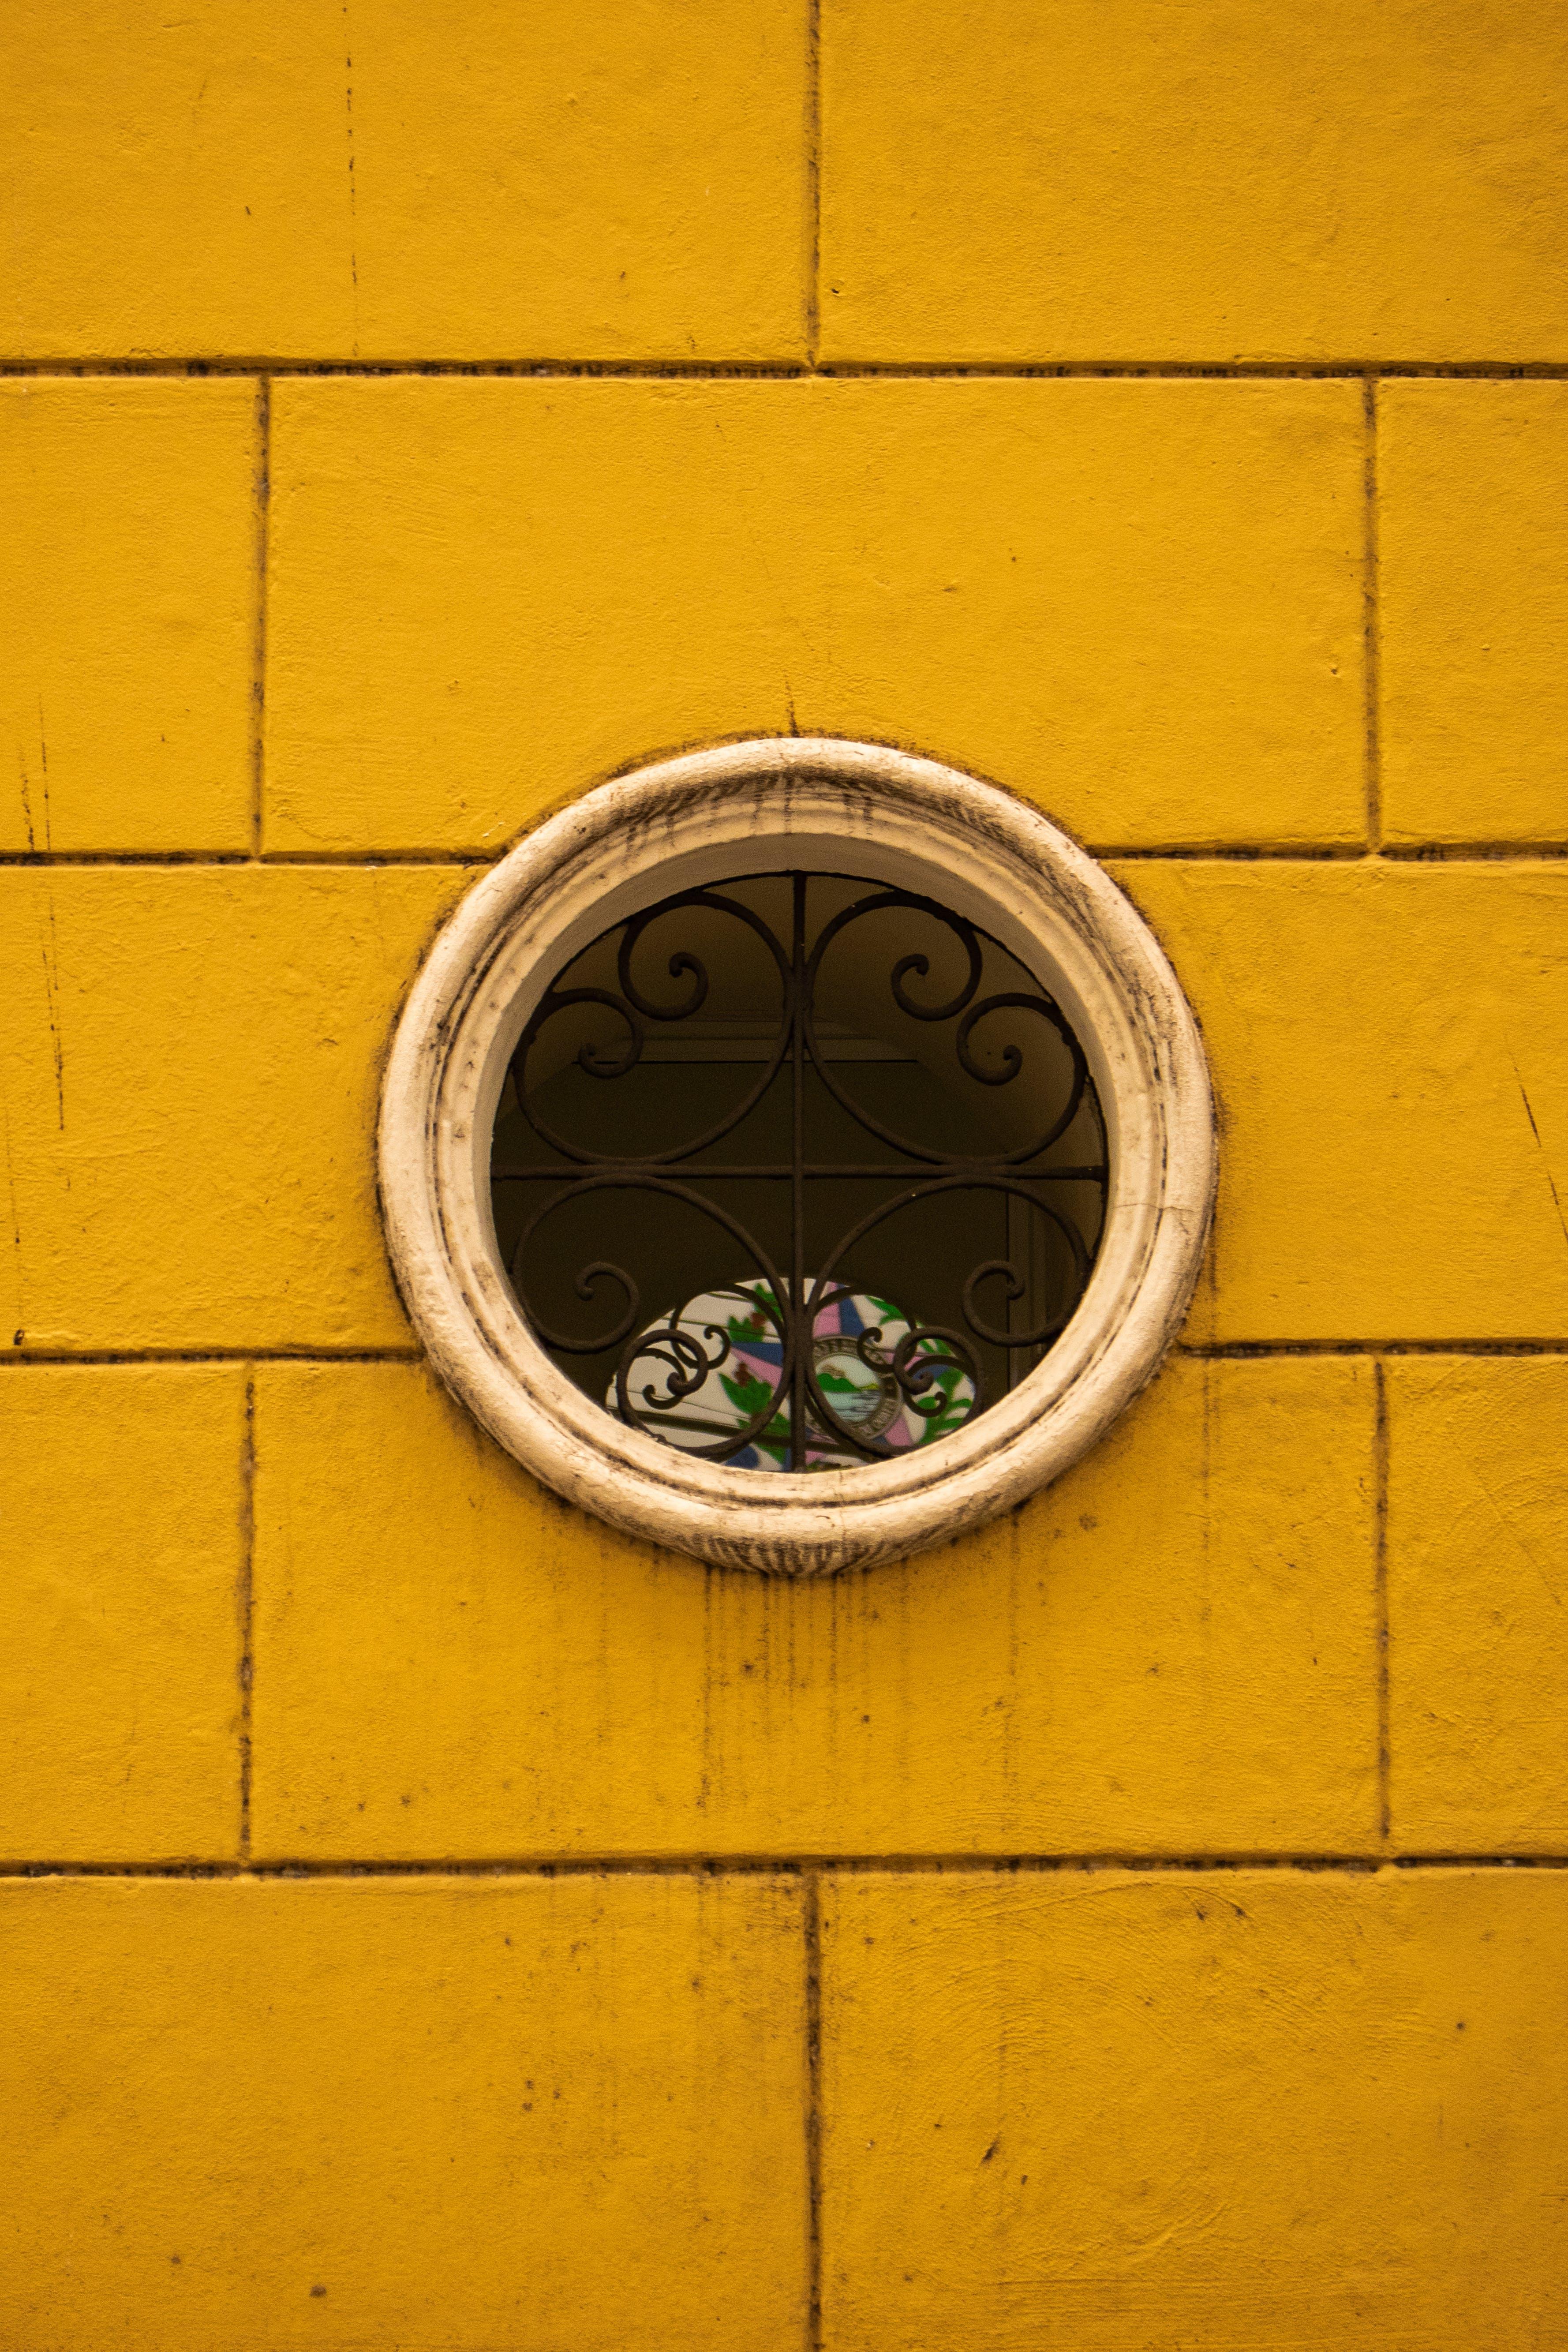 Δωρεάν στοκ φωτογραφιών με κίτρινη, παράθυρο, σκυρόδεμα, τείχος